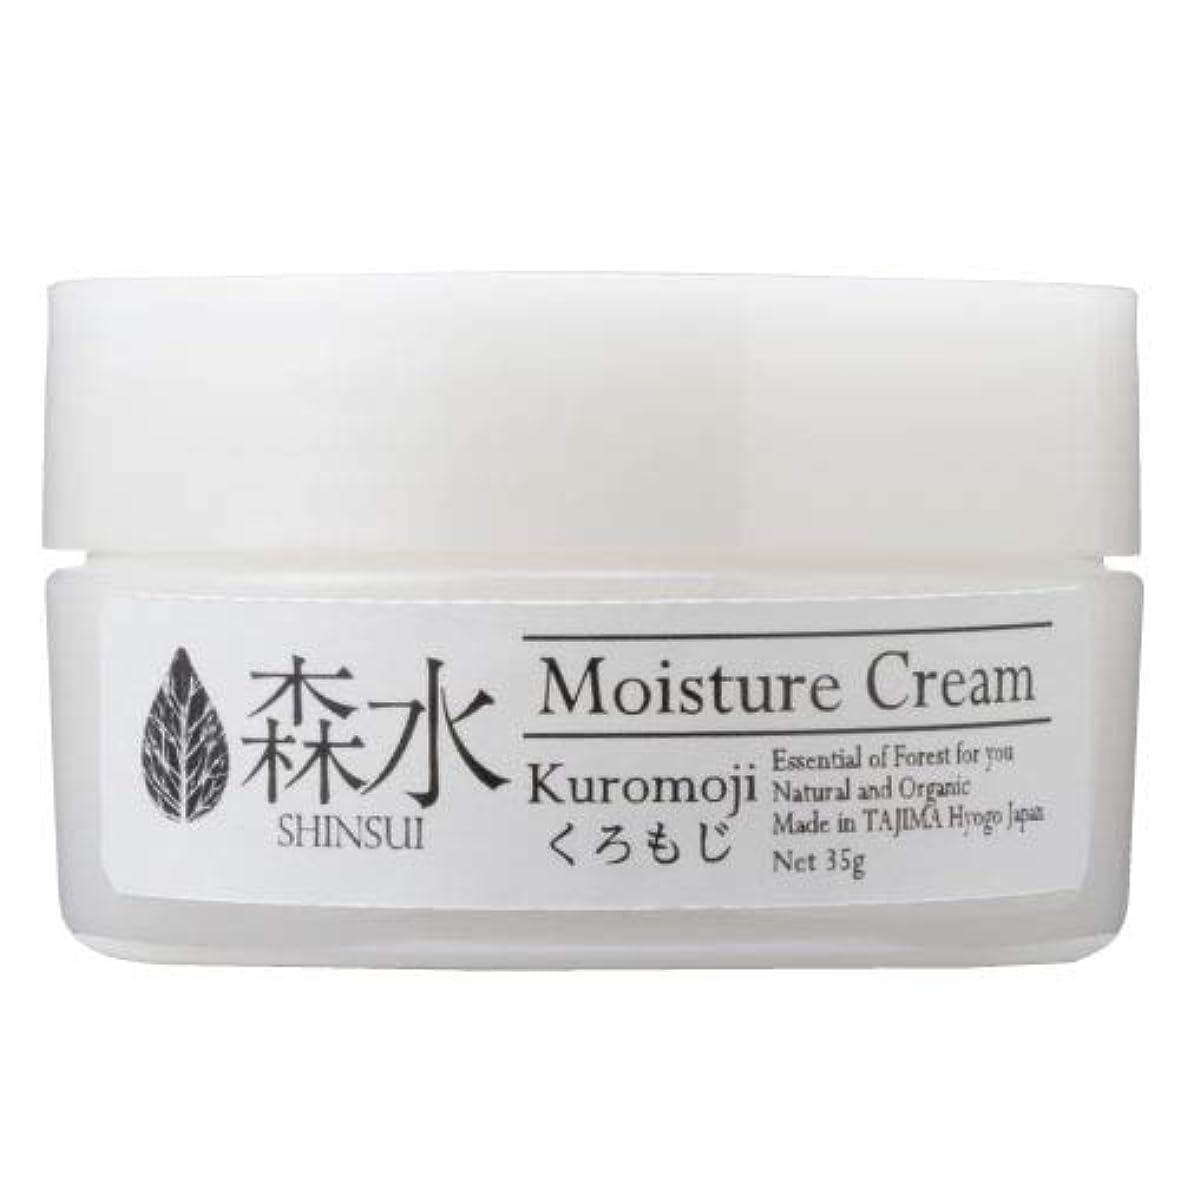 顔料パーティーハーブ森水-SHINSUI シンスイ-くろもじクリーム(Kuromoji Moisture Cream)35g